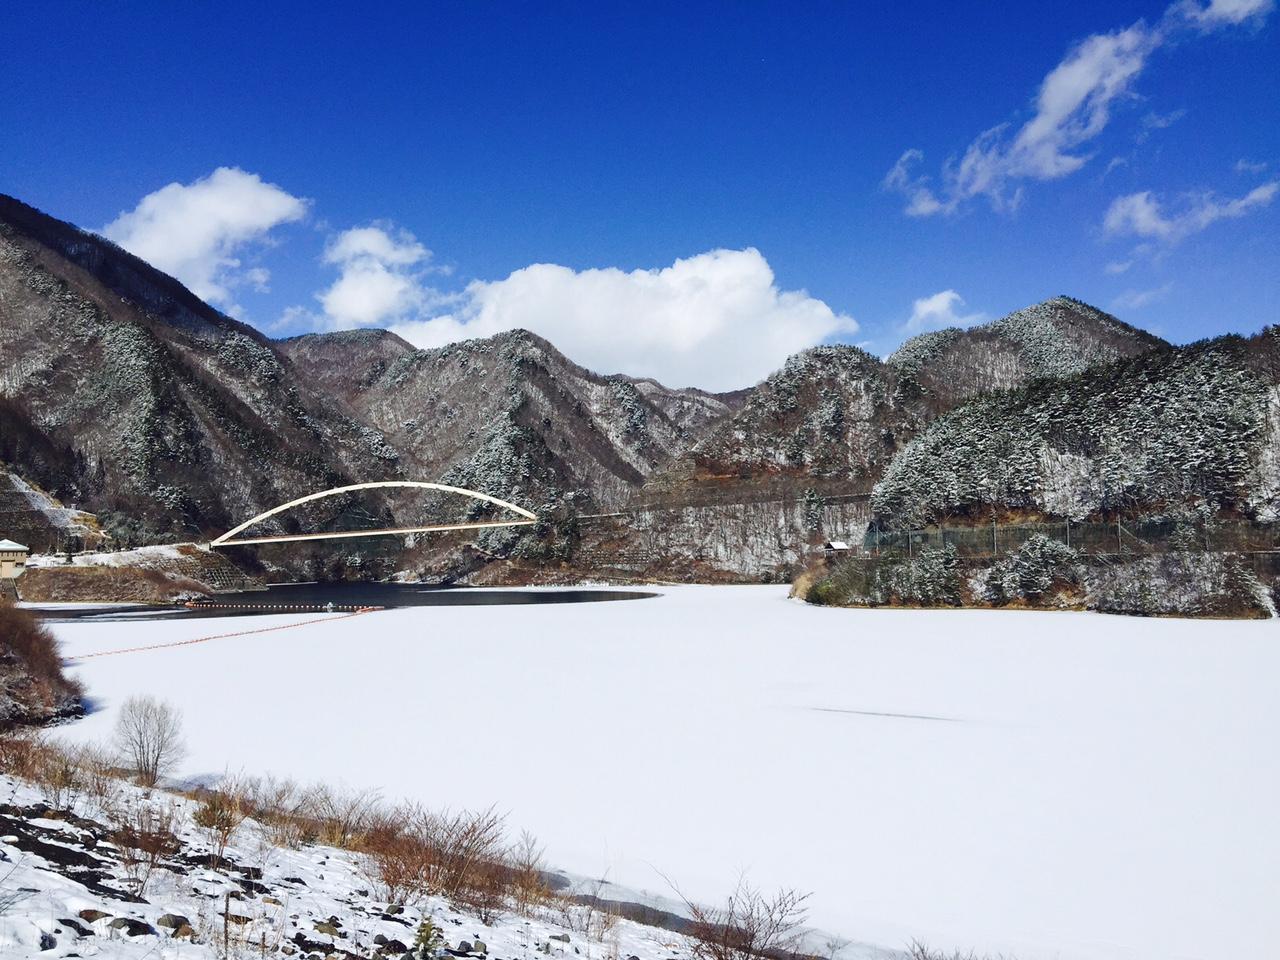 雪と青空のみずがき湖・・・_b0100253_19543939.jpg